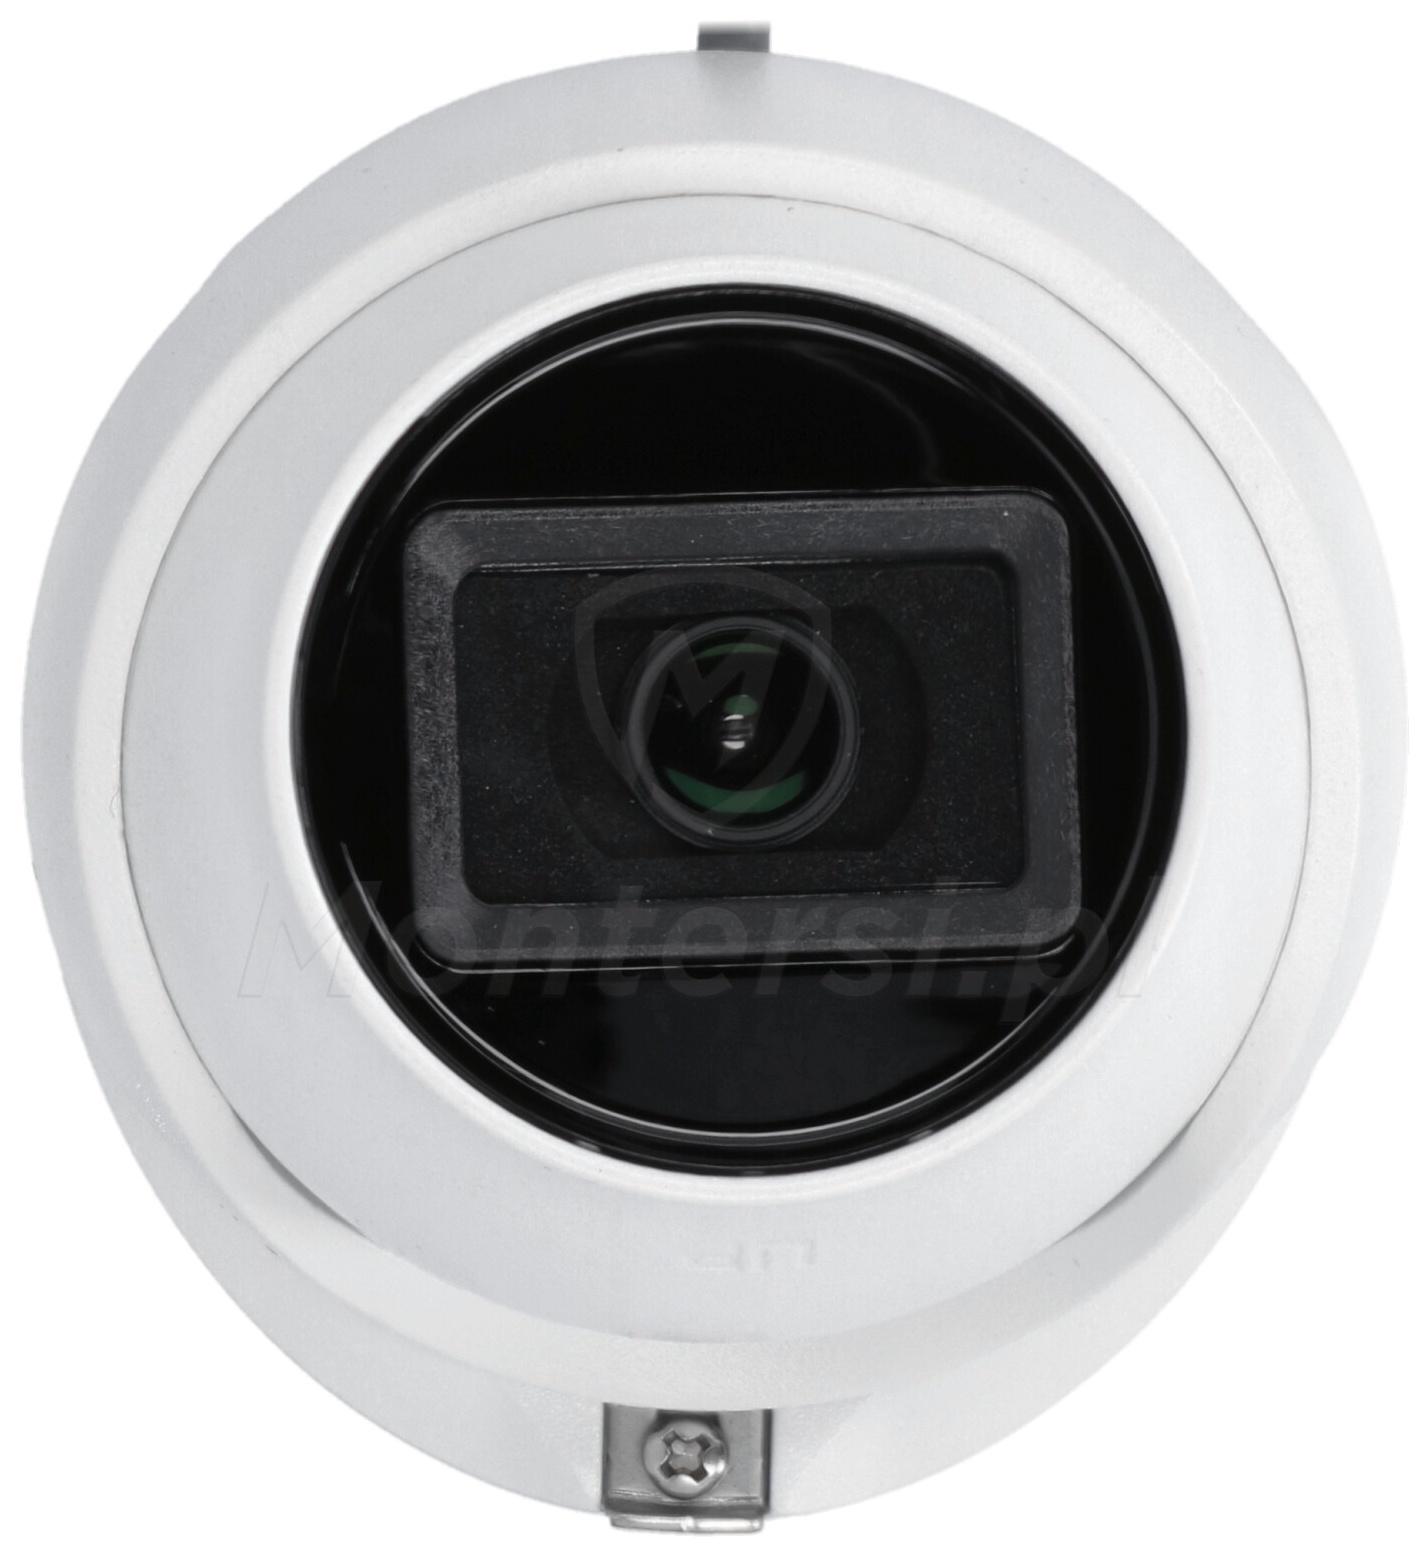 Oświetlacz kamery DS-2CE76H0T-ITMFS